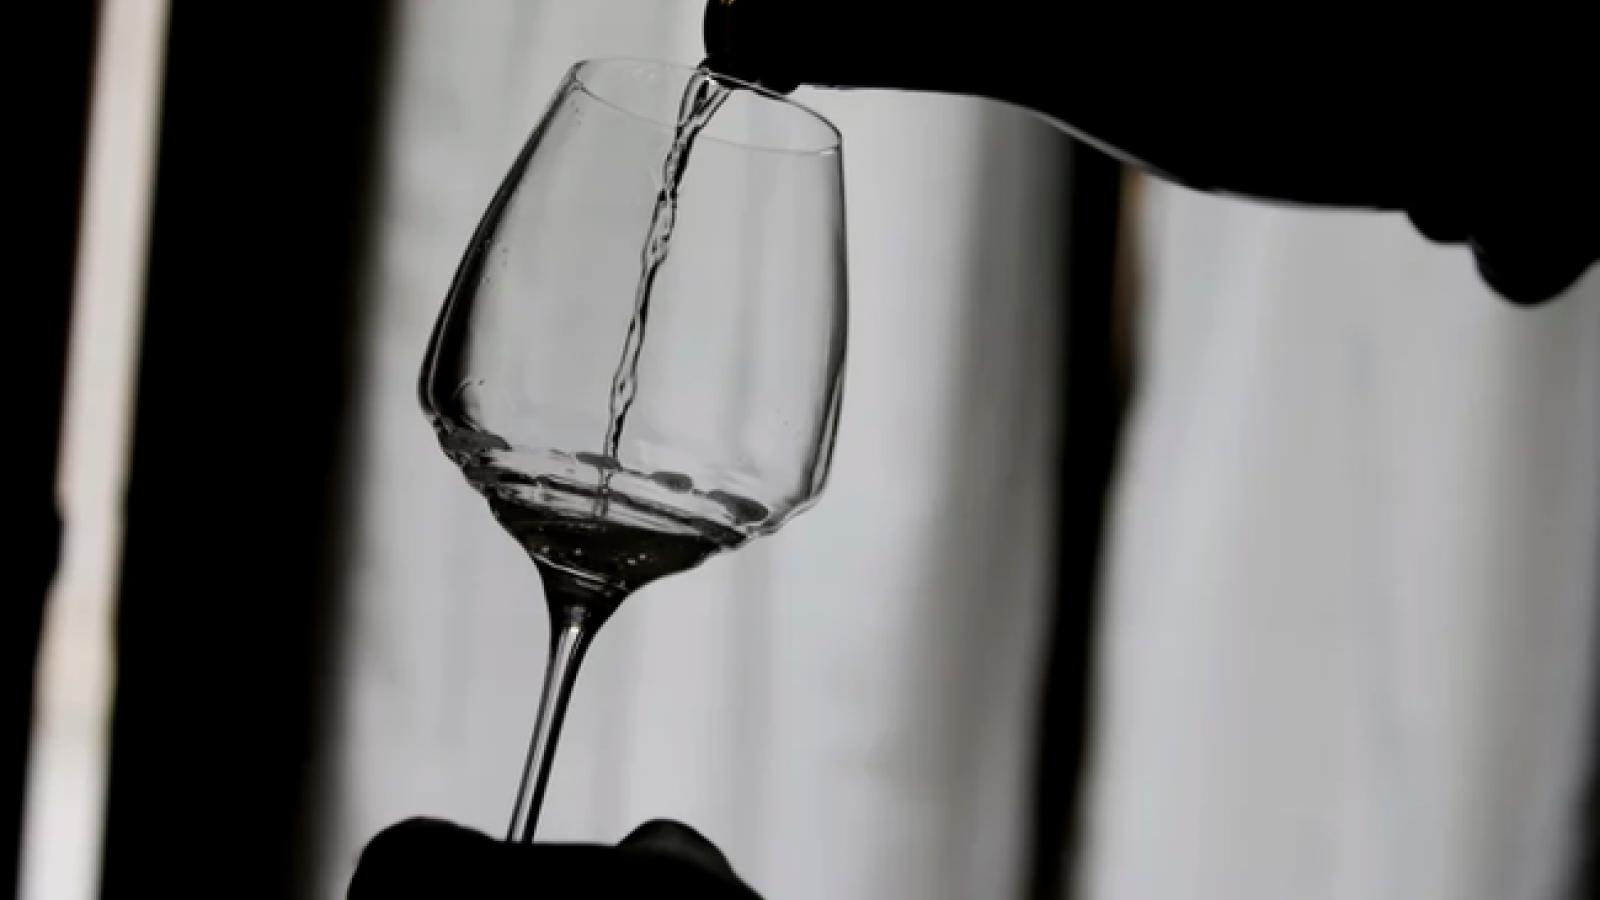 Ngộ độc rượu khiến 26 người Nga tử vong